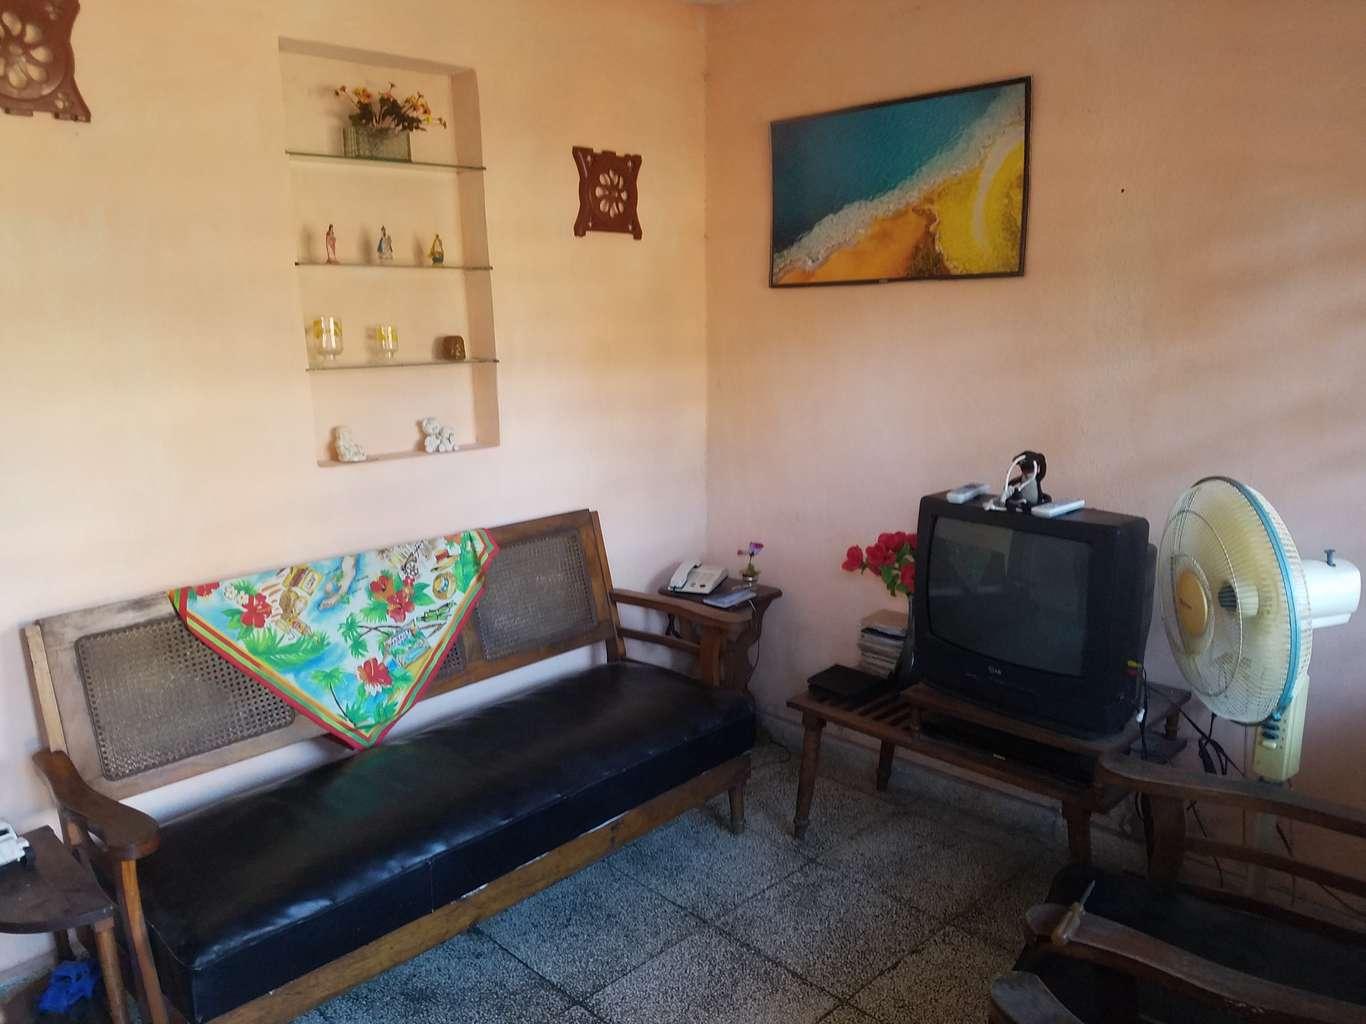 HEC1026: Casa de 1 cuarto y 1 baño por $ 10.000 en Cienfuegos, Cienfuegos